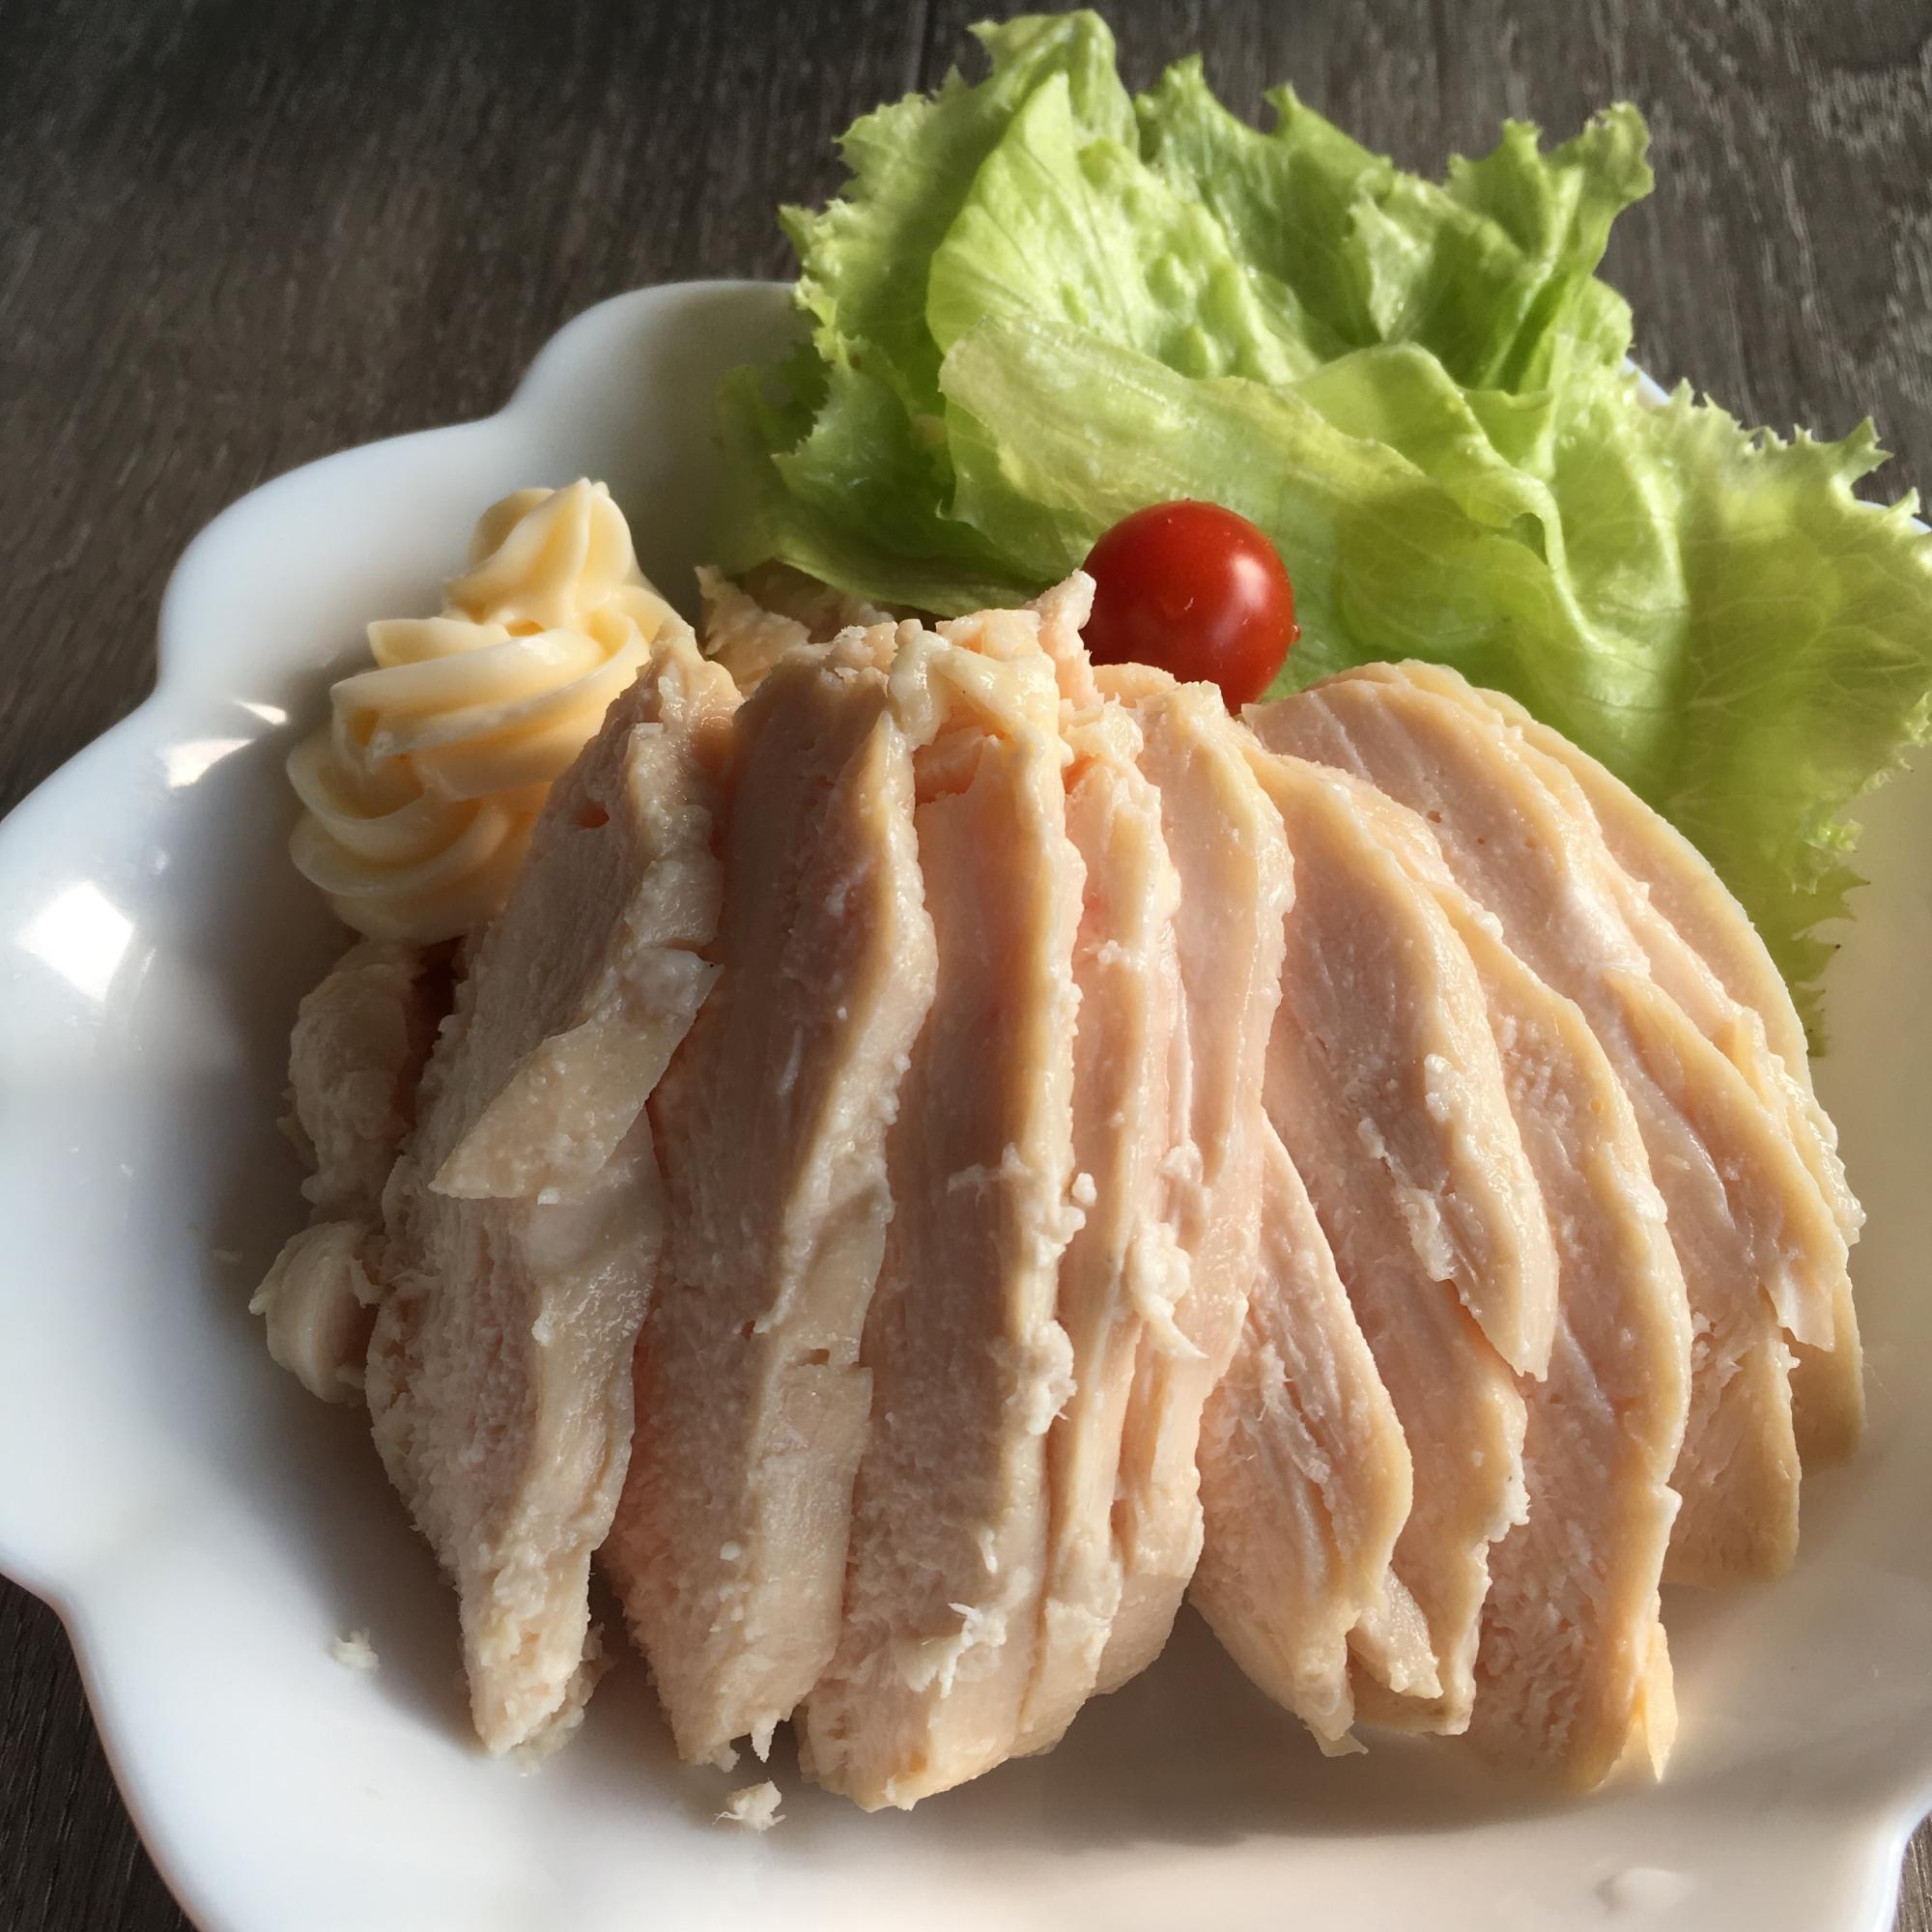 白いデザイン皿に盛られた炊飯器で作るサラダチキンと付け合わせの野菜